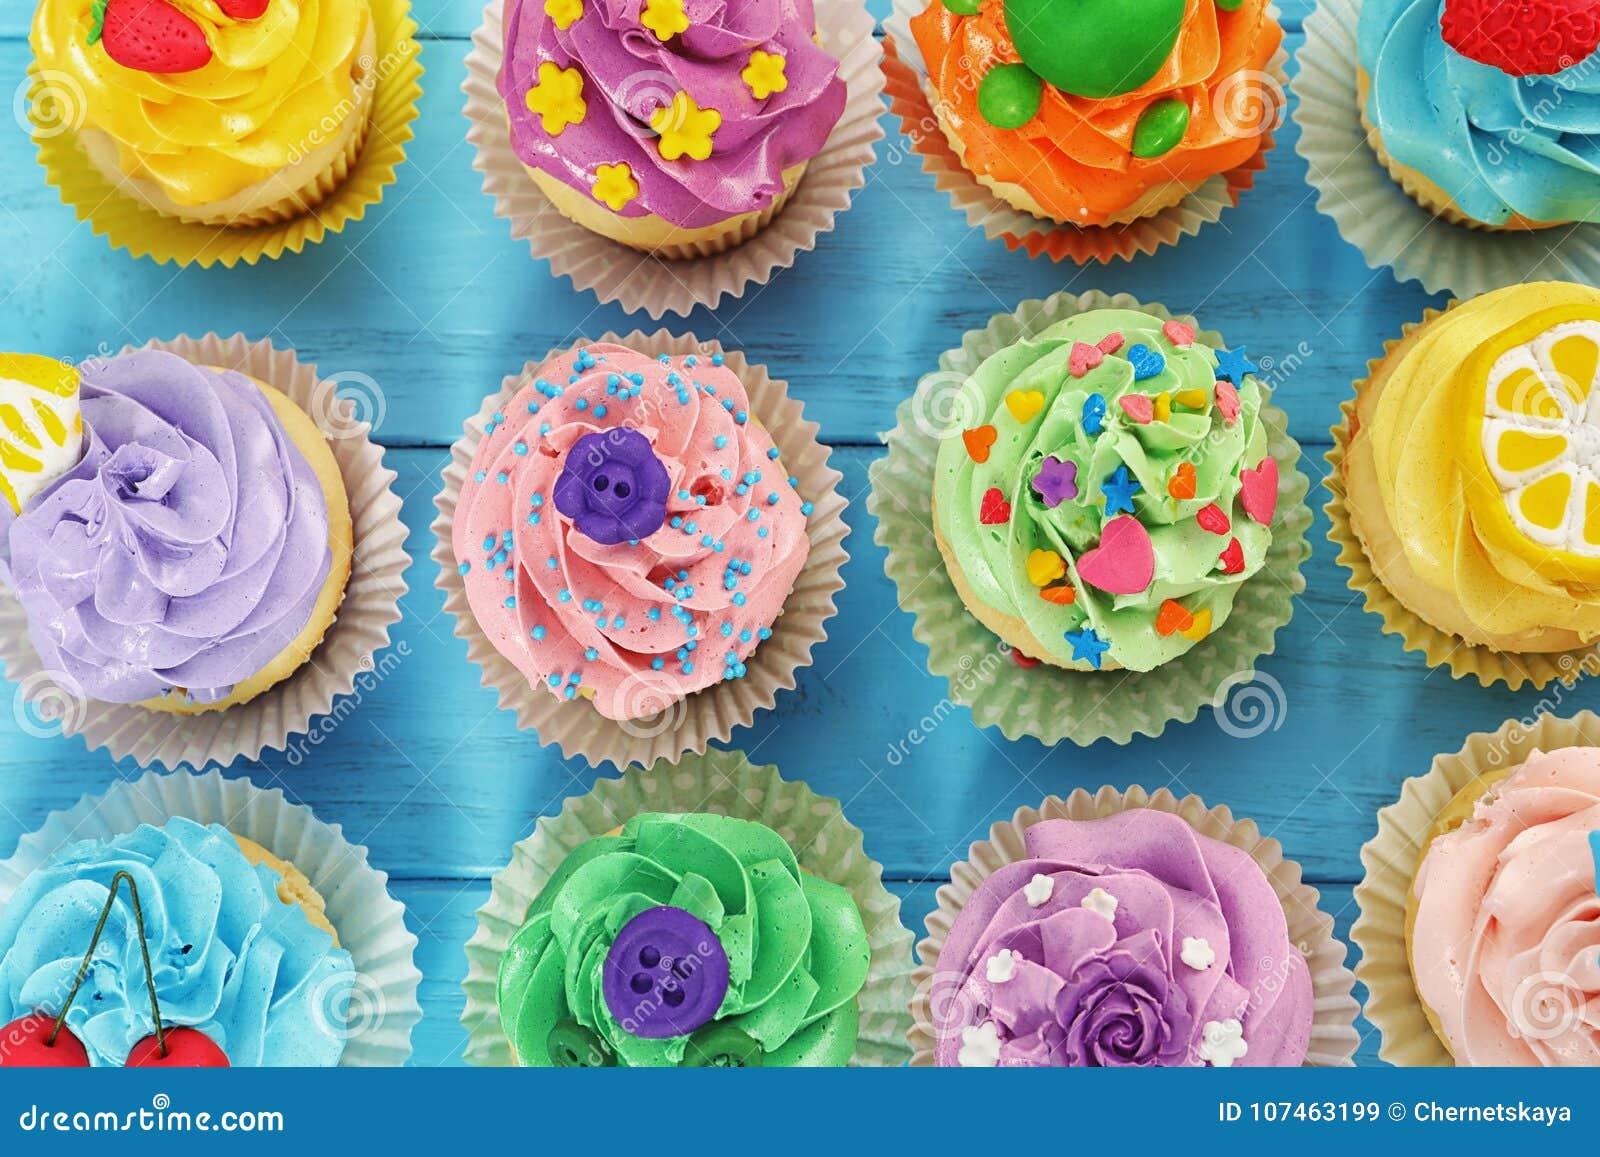 Mooie cupcakes op kleuren houten achtergrond,